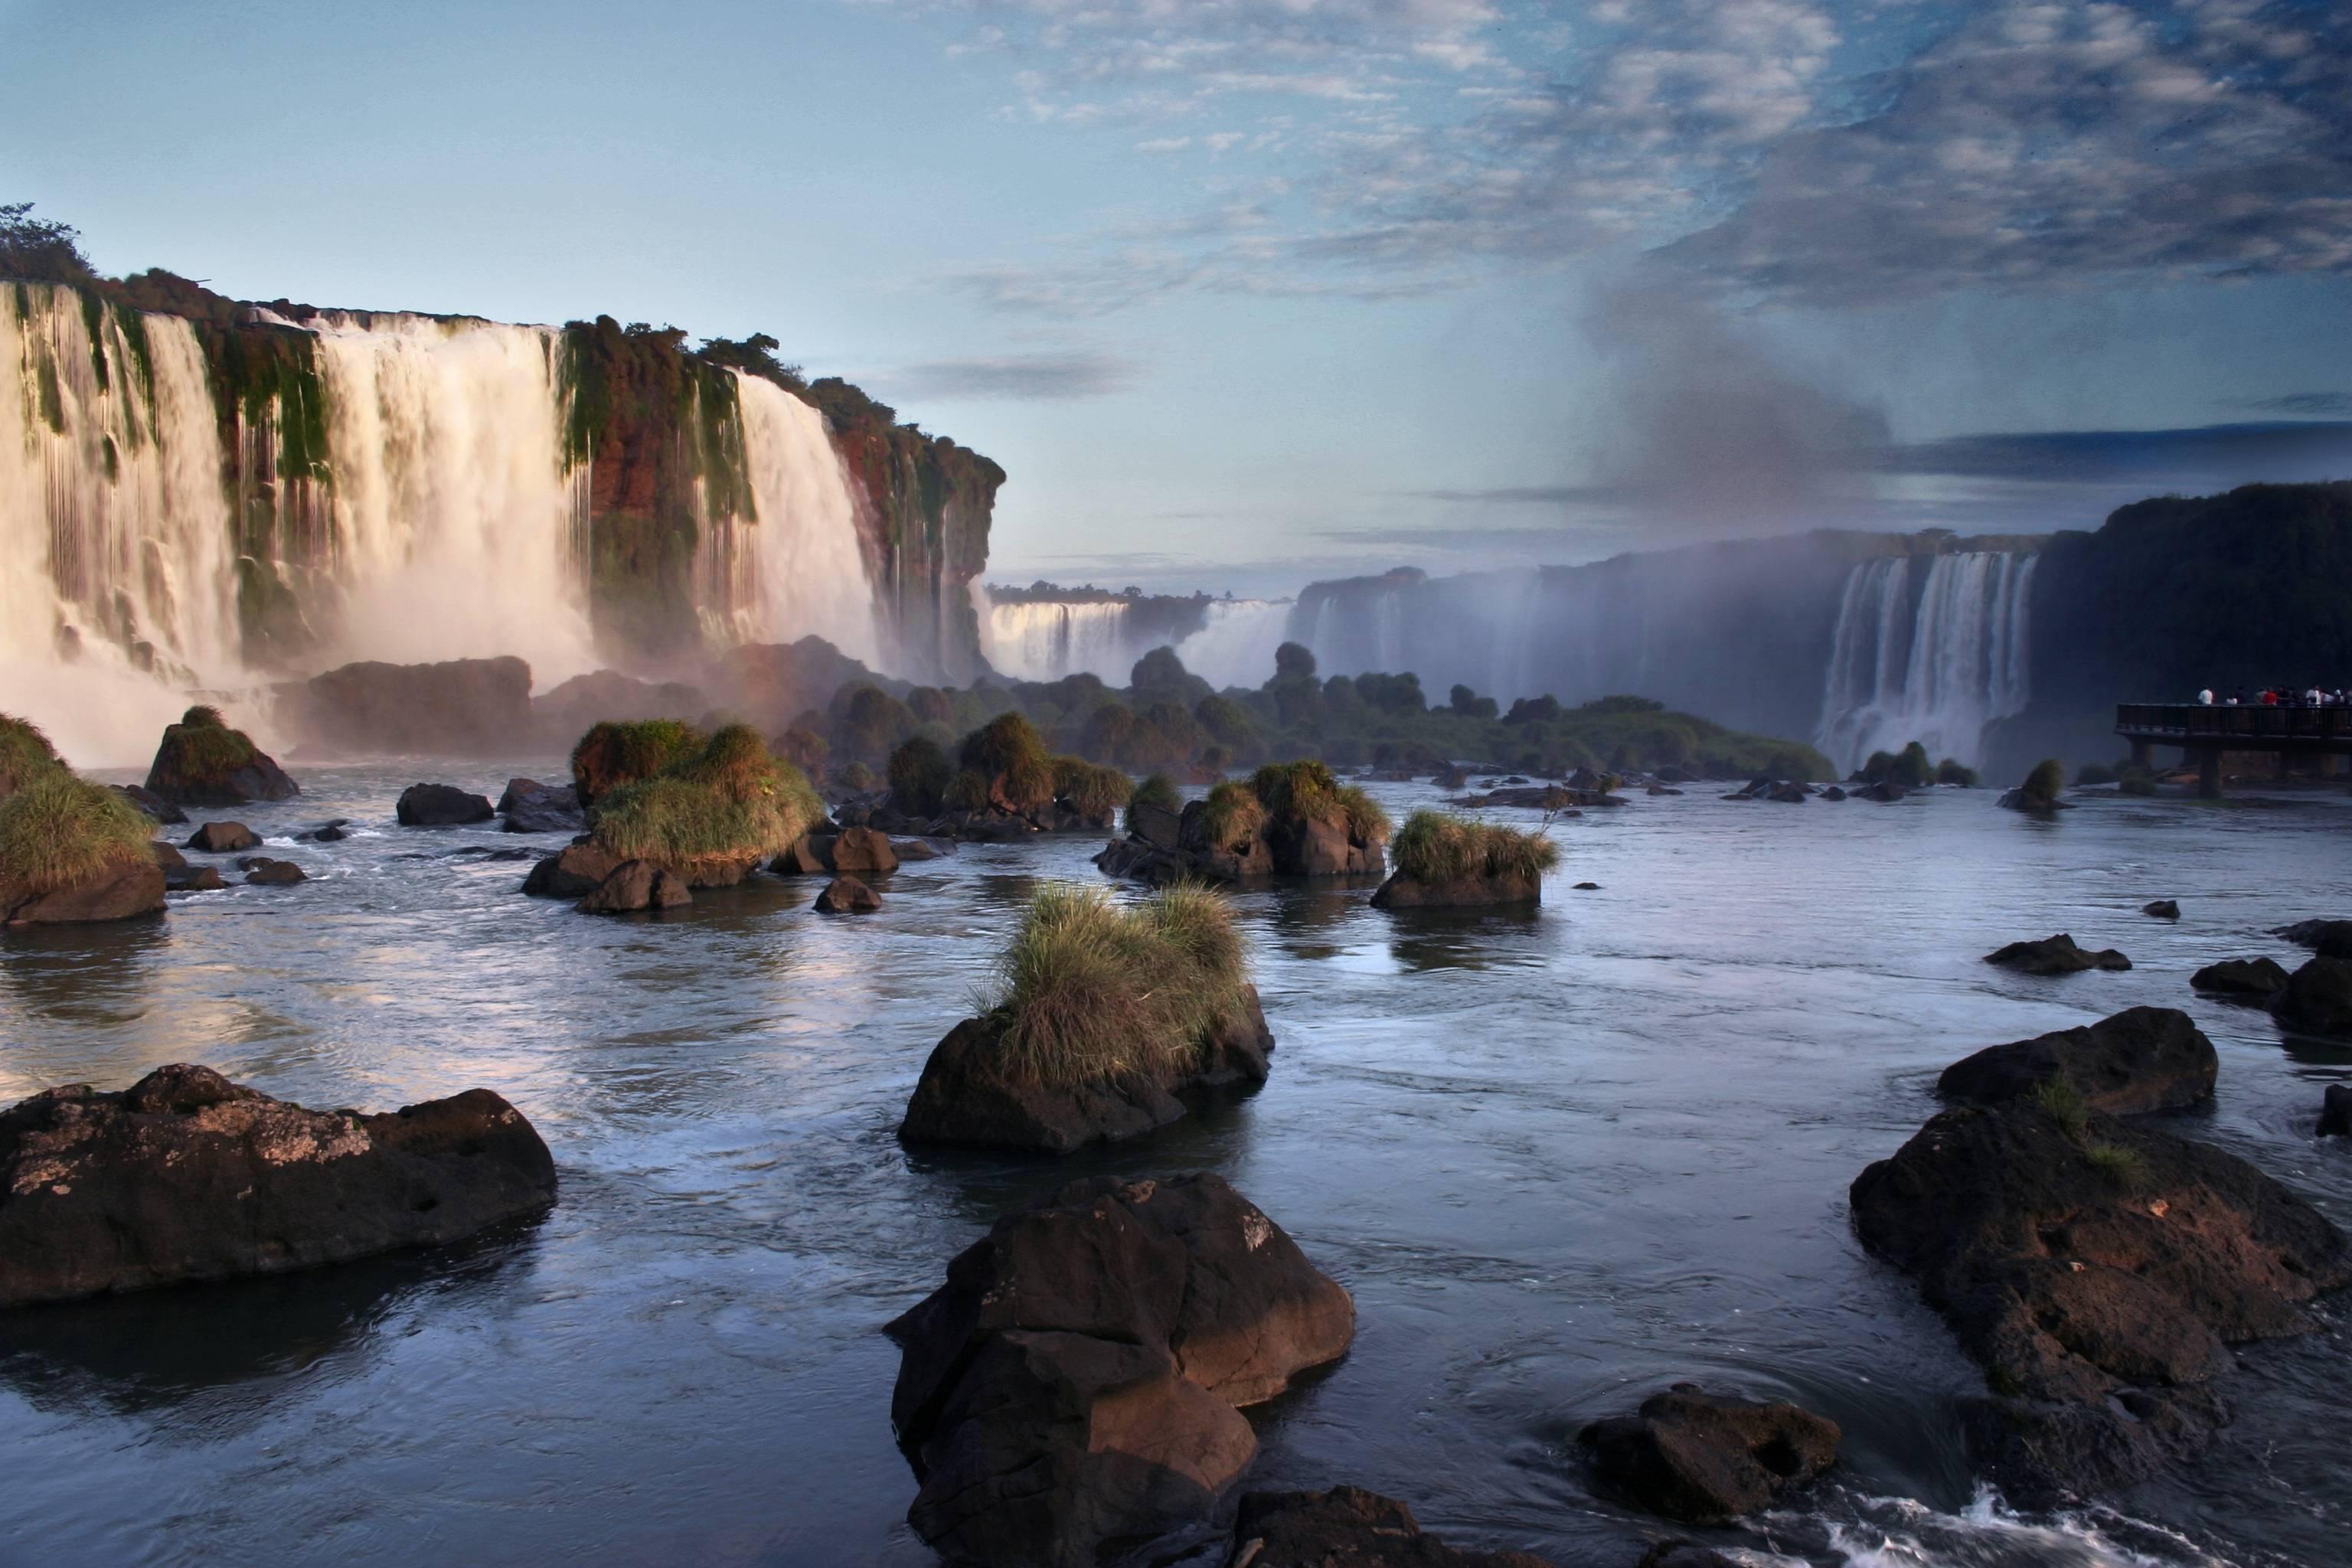 Iguazu Falls Brazil Wallpaper Iguazu Falls Wallpapers Wallpaper Cave